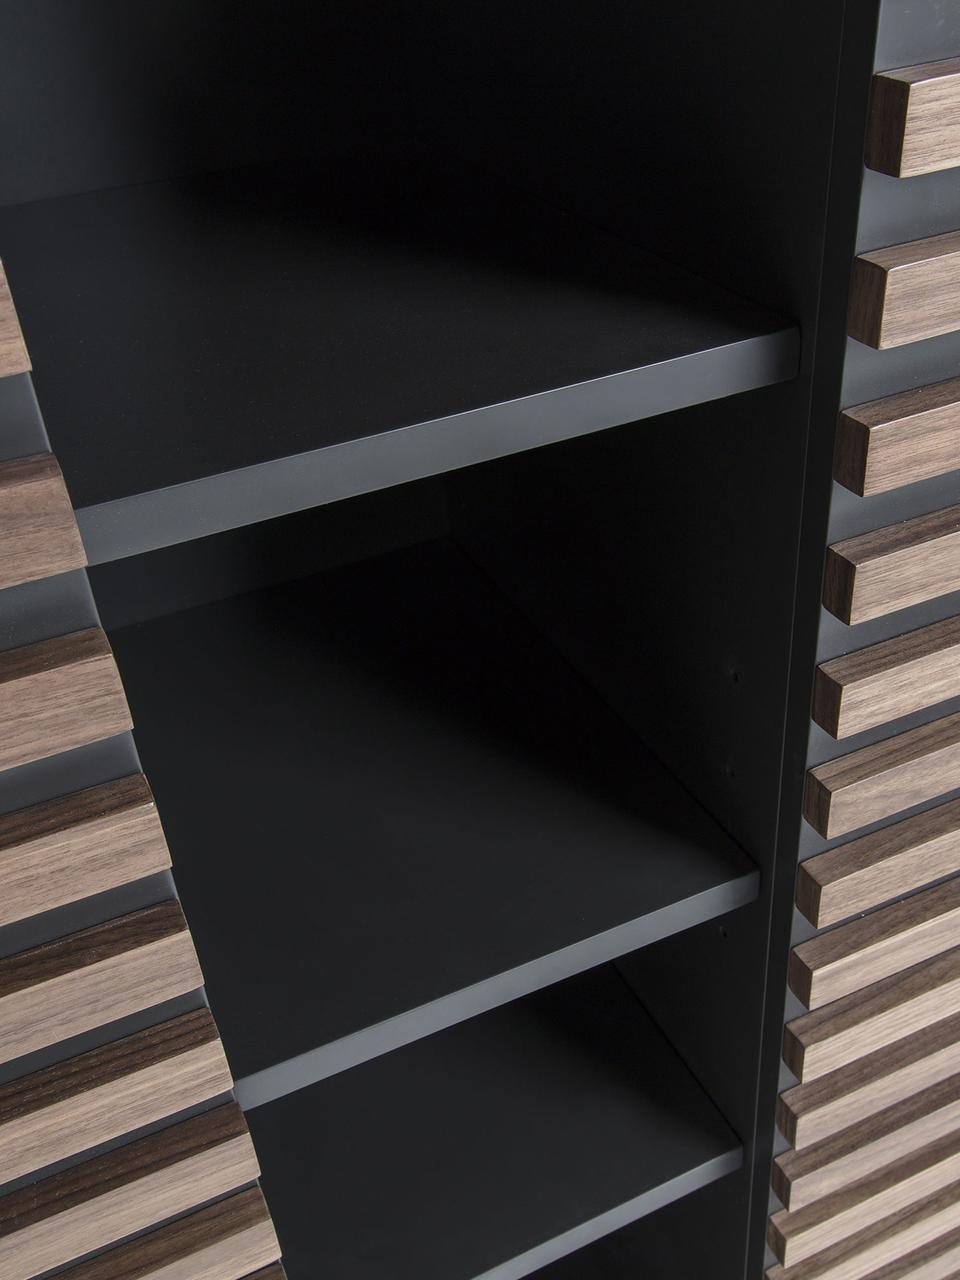 Vysoká skříňka sořechovou dýhou Kesia, Černá, ořechové dřevo